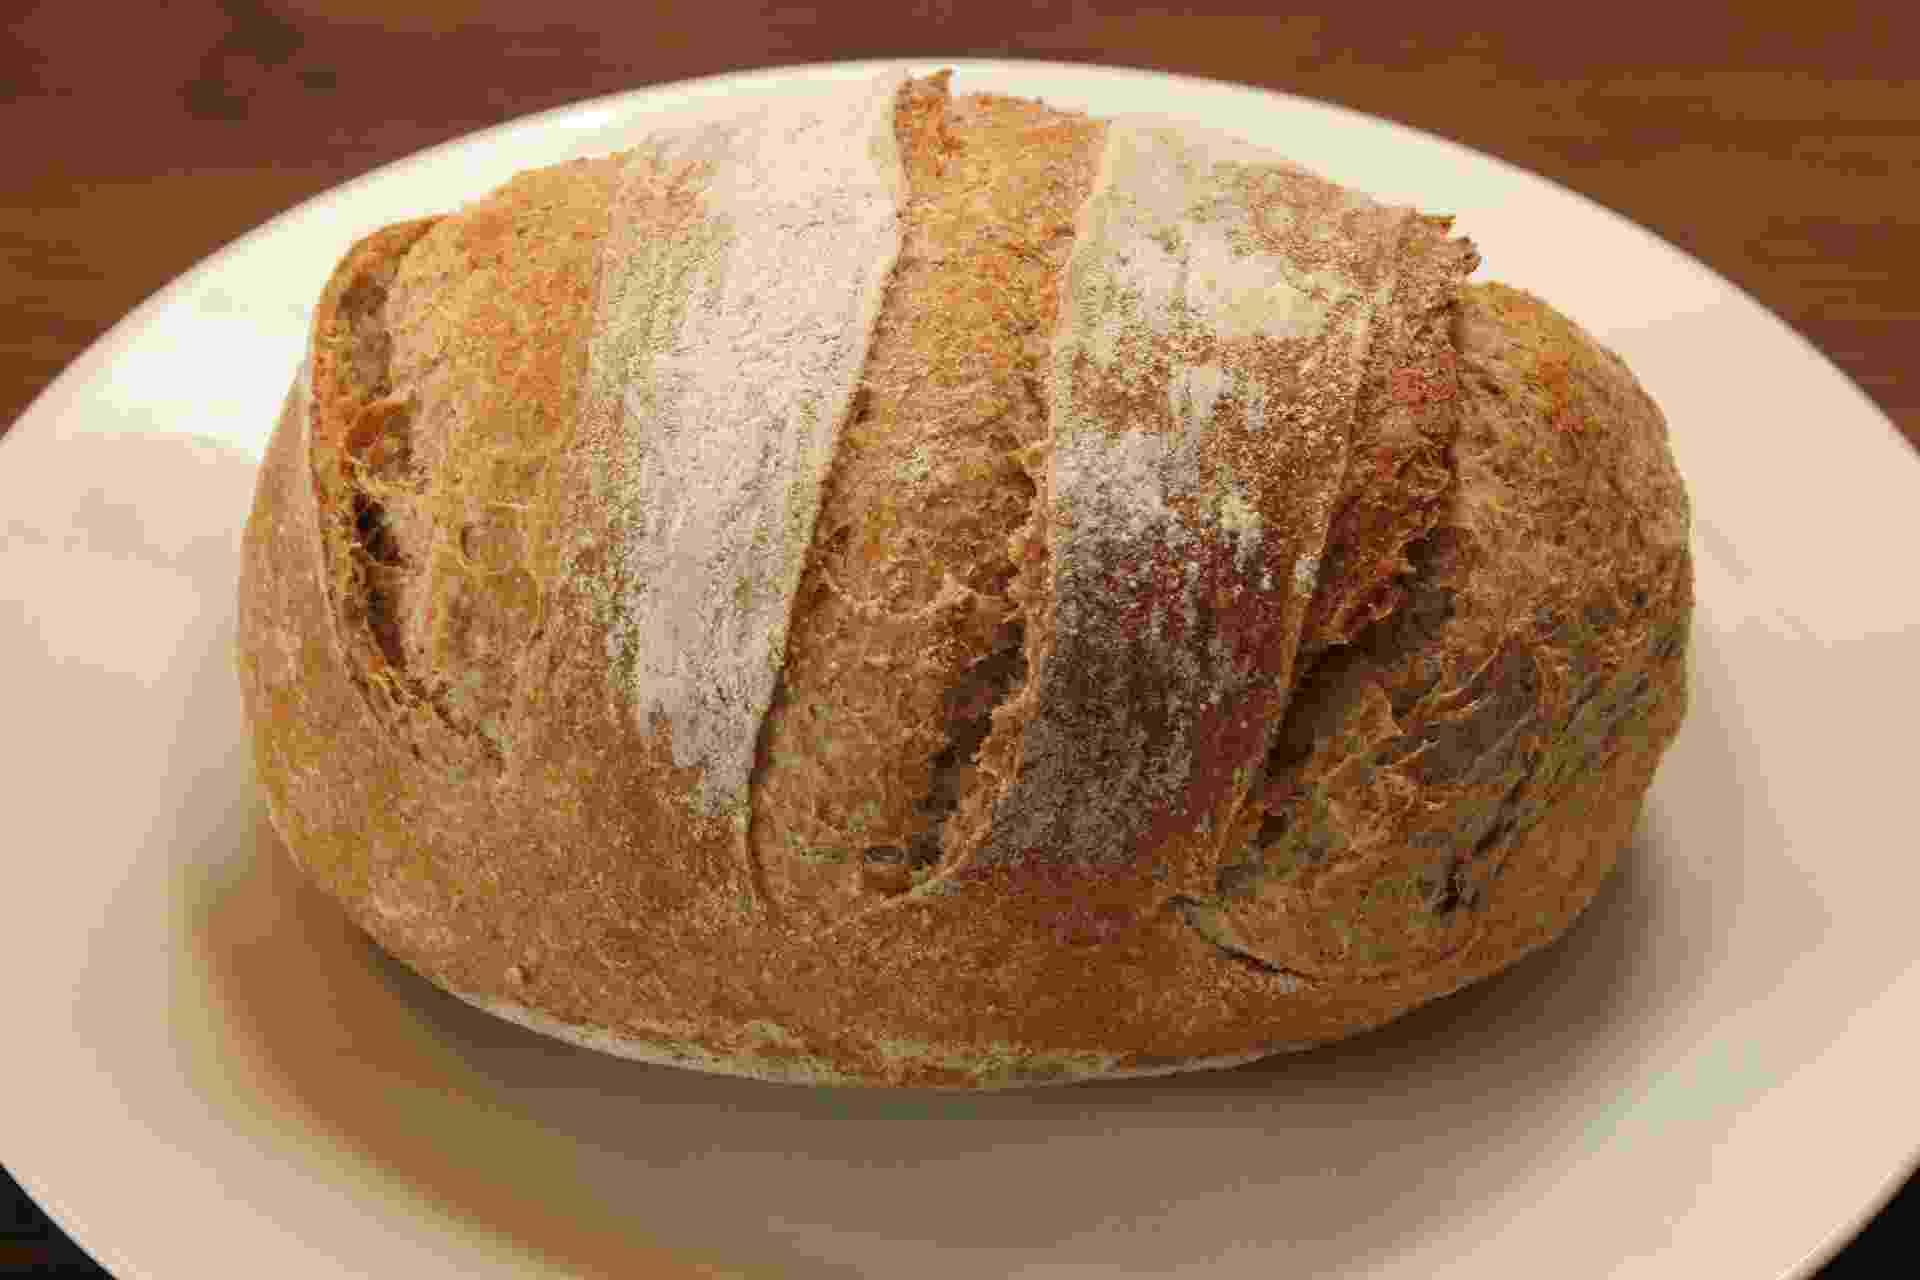 Pão integral, pão artesanal da PÃO - Patricia Stavis/Folhapress